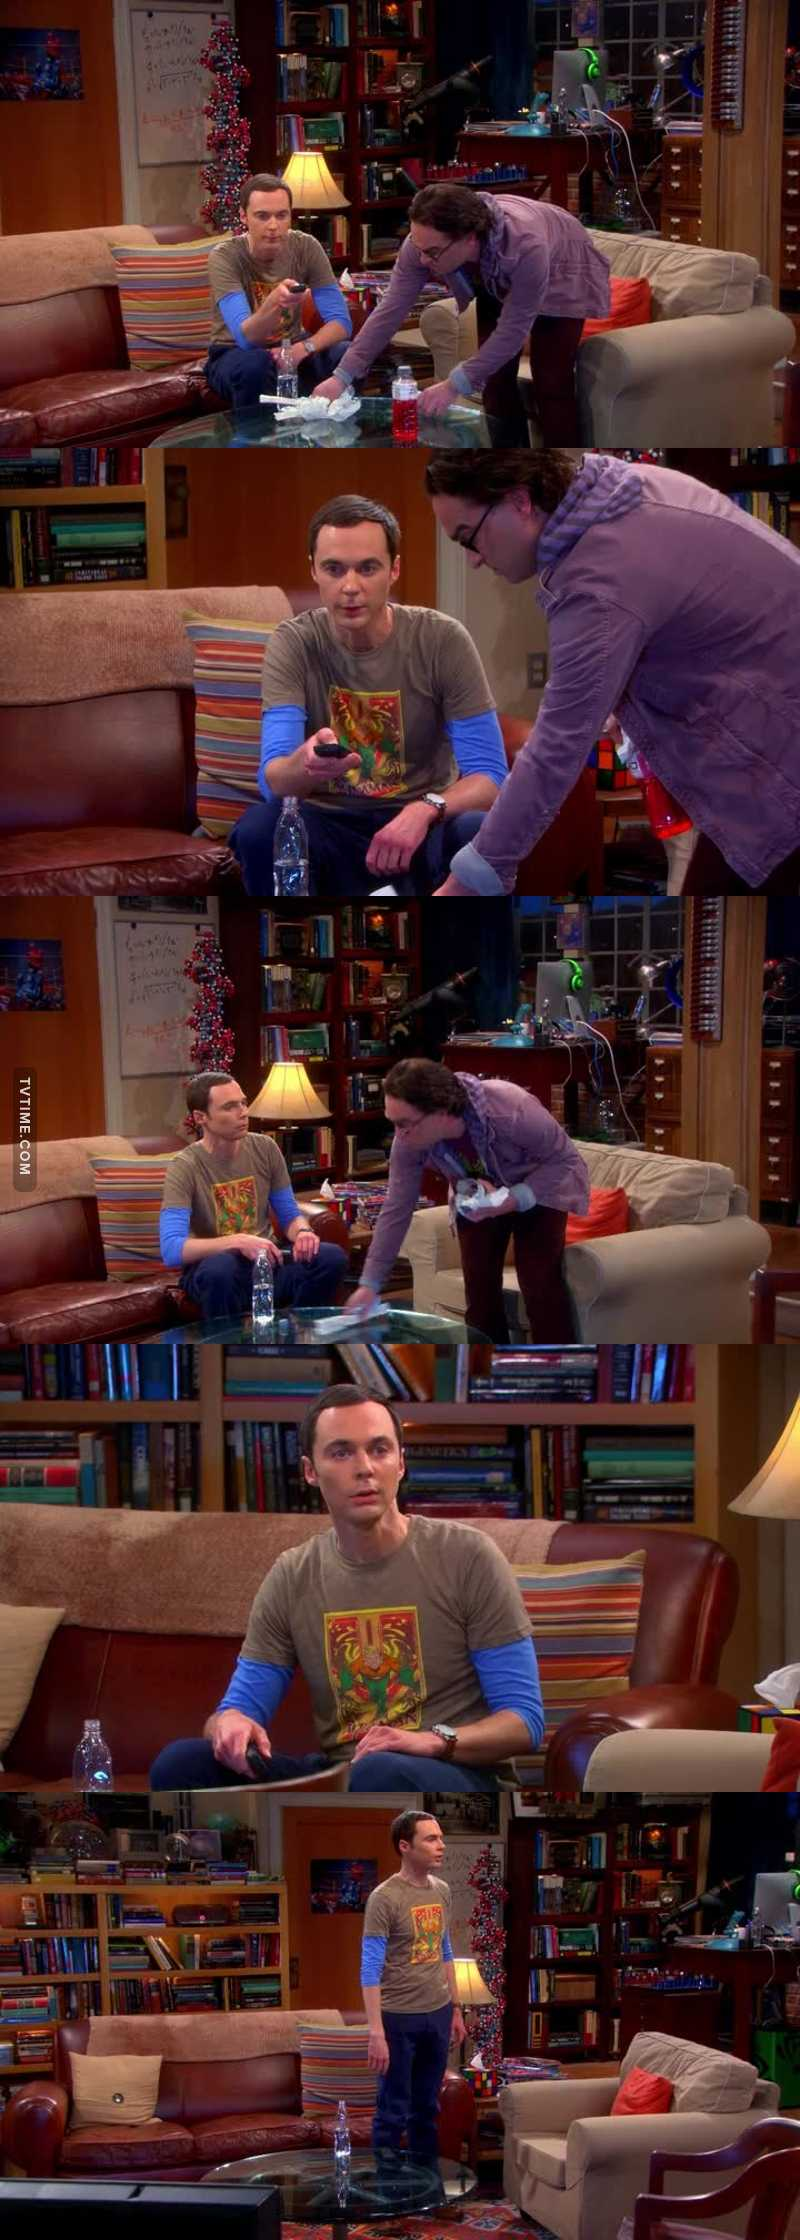 Ho la stessa reazione di Sheldon quando cancellano una serie! 😂😂😂😂